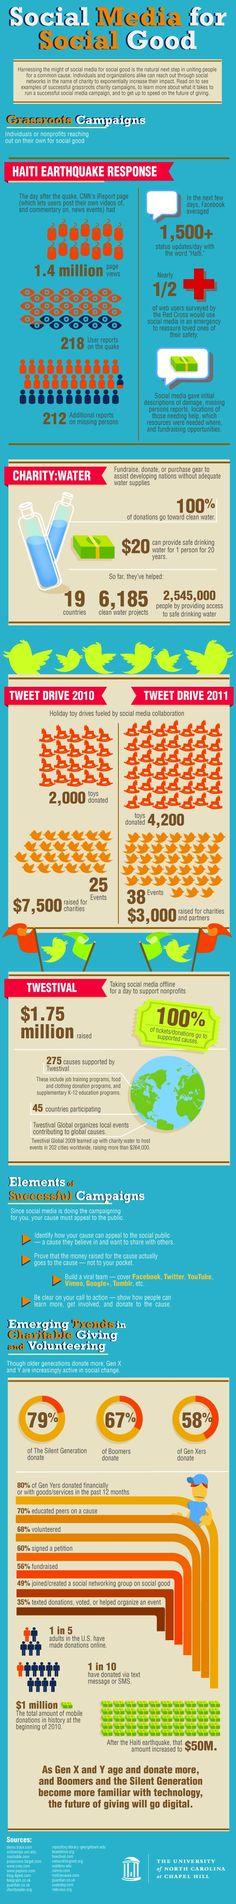 Social Media for Social Good [INFOGRAPHIC]